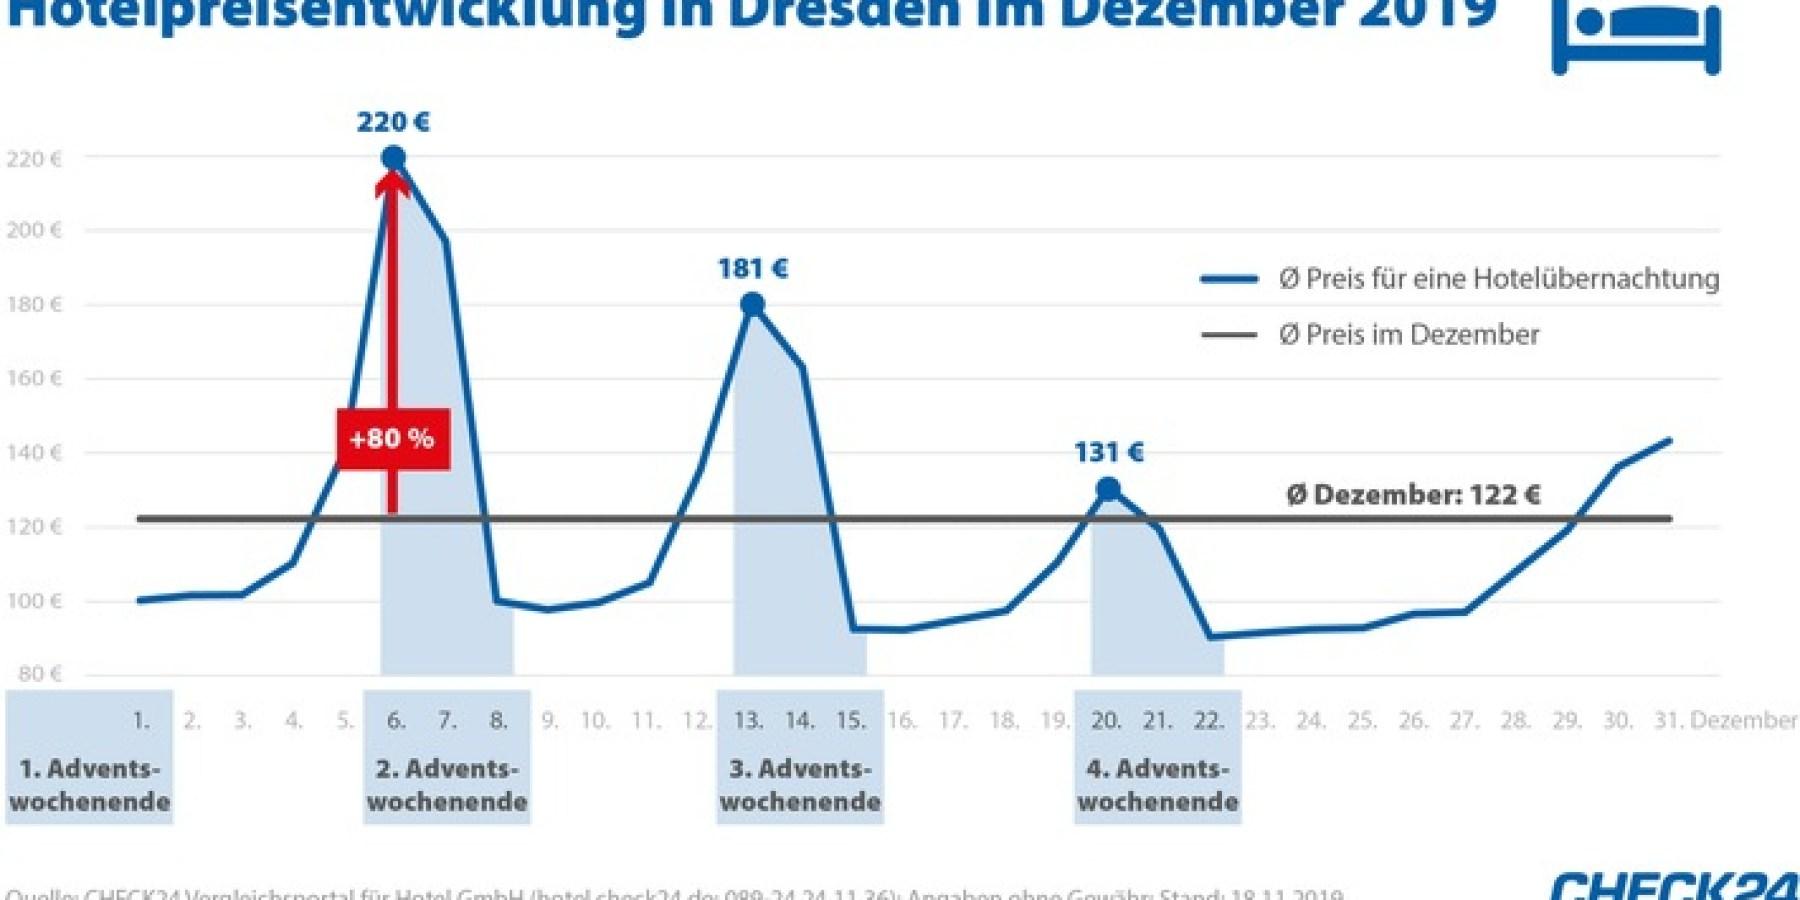 Weihnachtsmärkte: Übernachtungspreise steigen an den Wochenenden